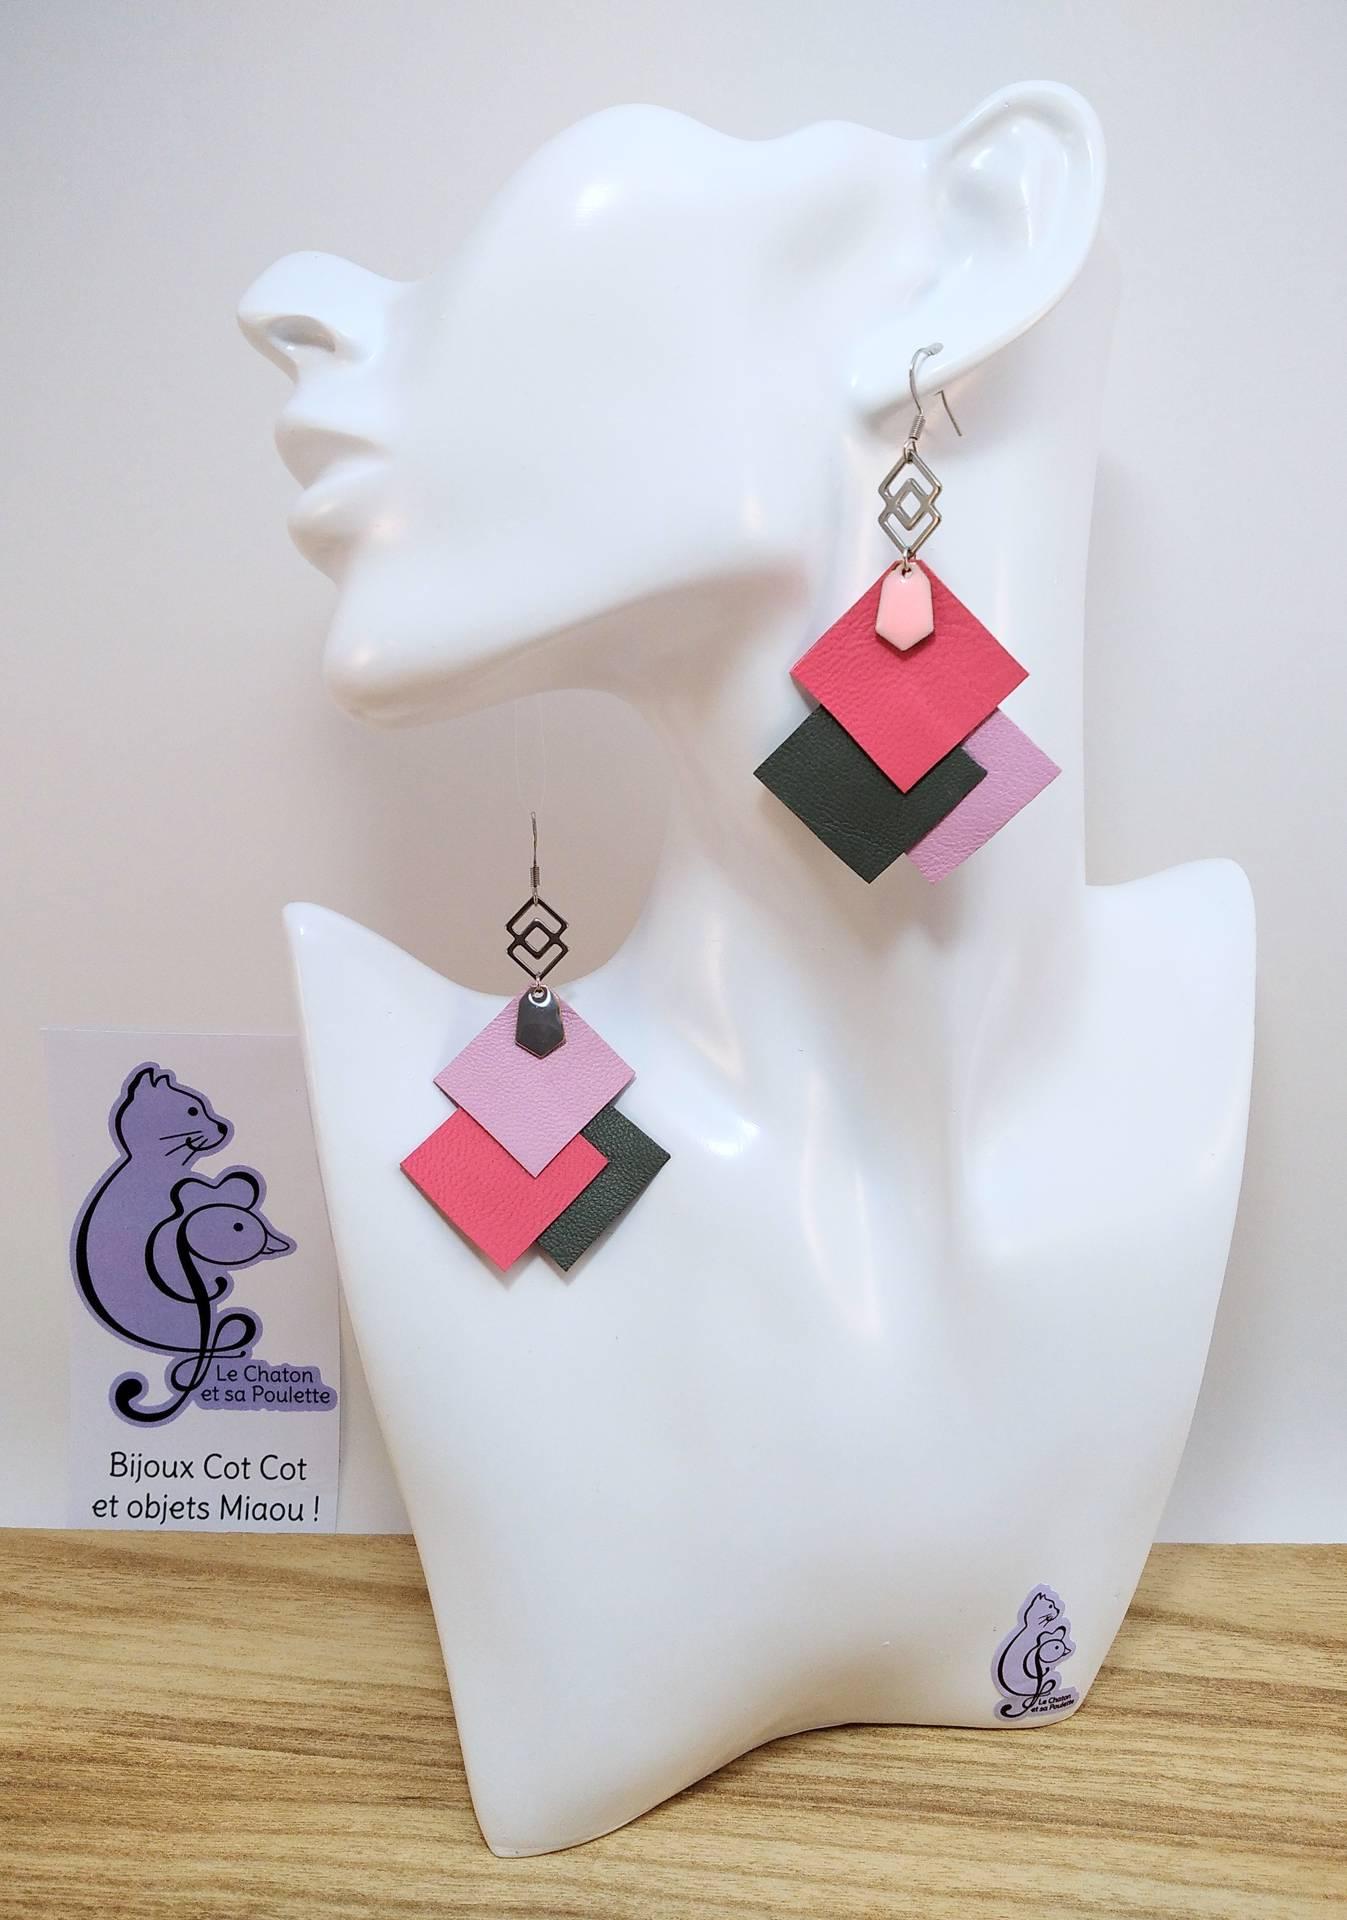 B.O. FORMIDABLE modèle 6 Cuirs rose/gris/rose dragée, breloque inox carrés entrelacés et diamant rose clair ou gris